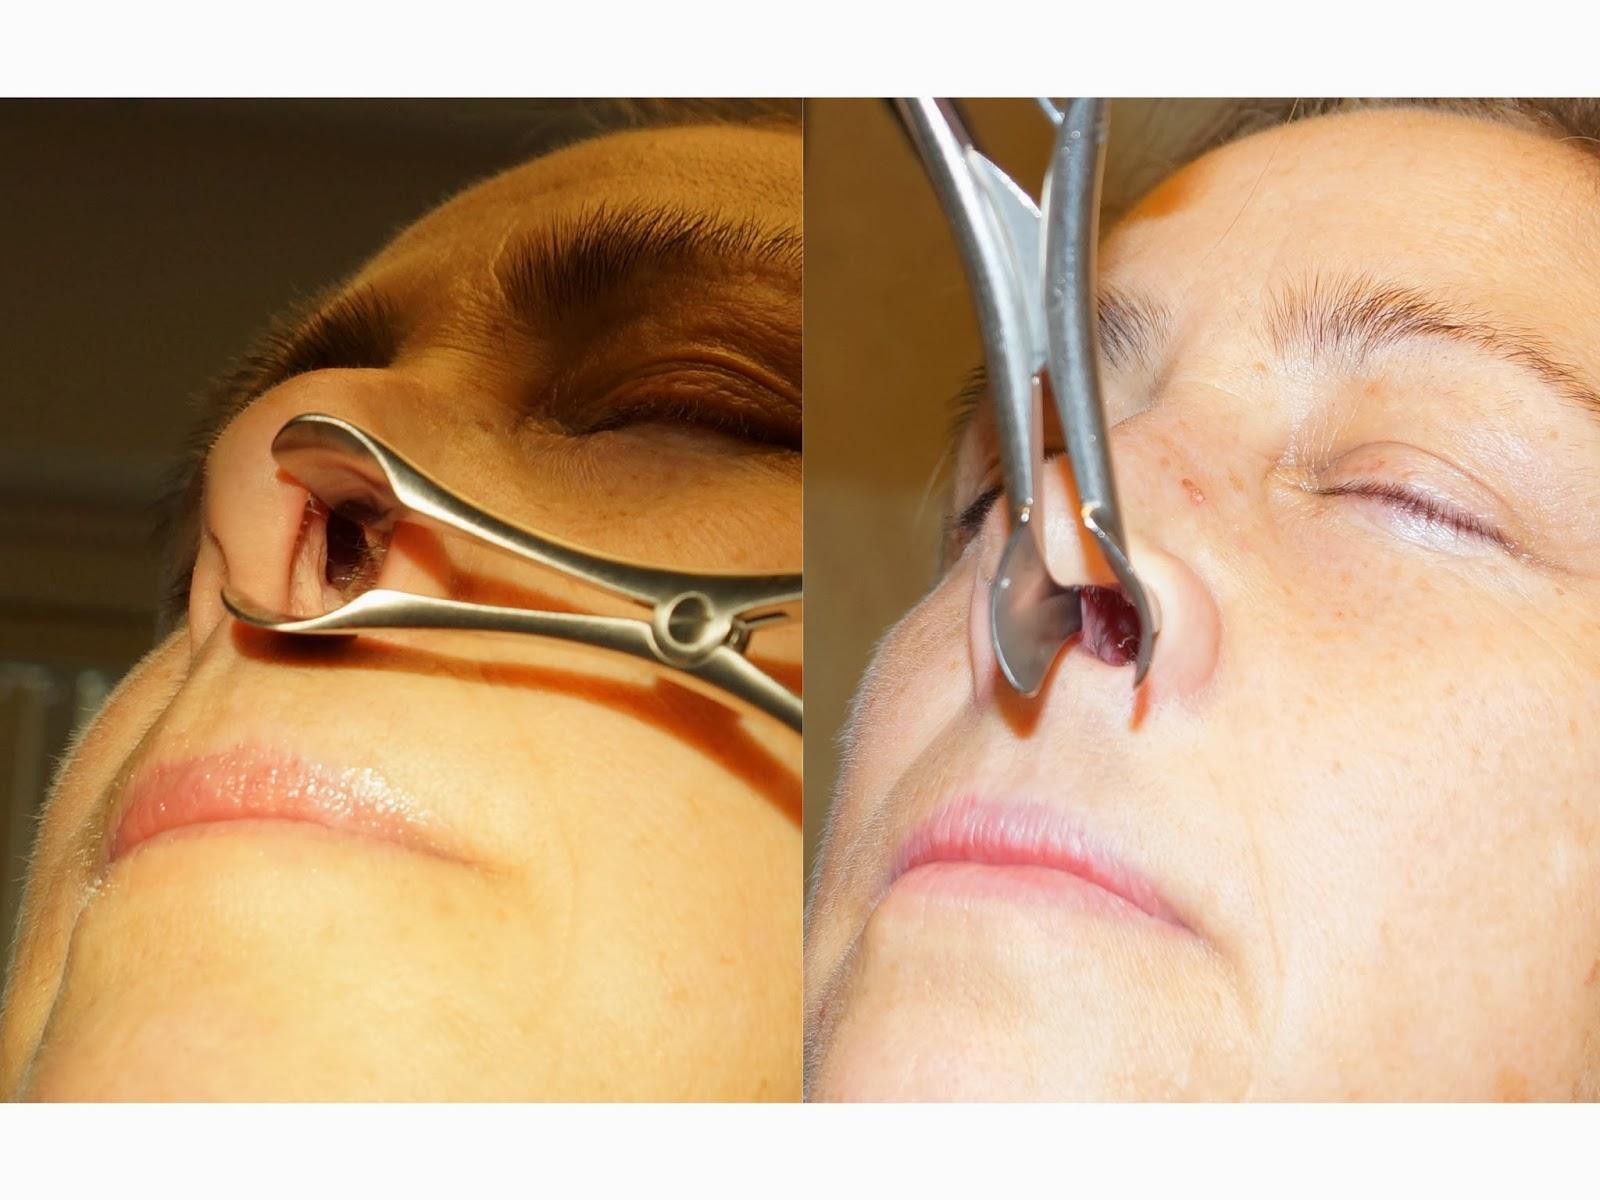 Facial Plastic Surgery: Septal Perforation Repair